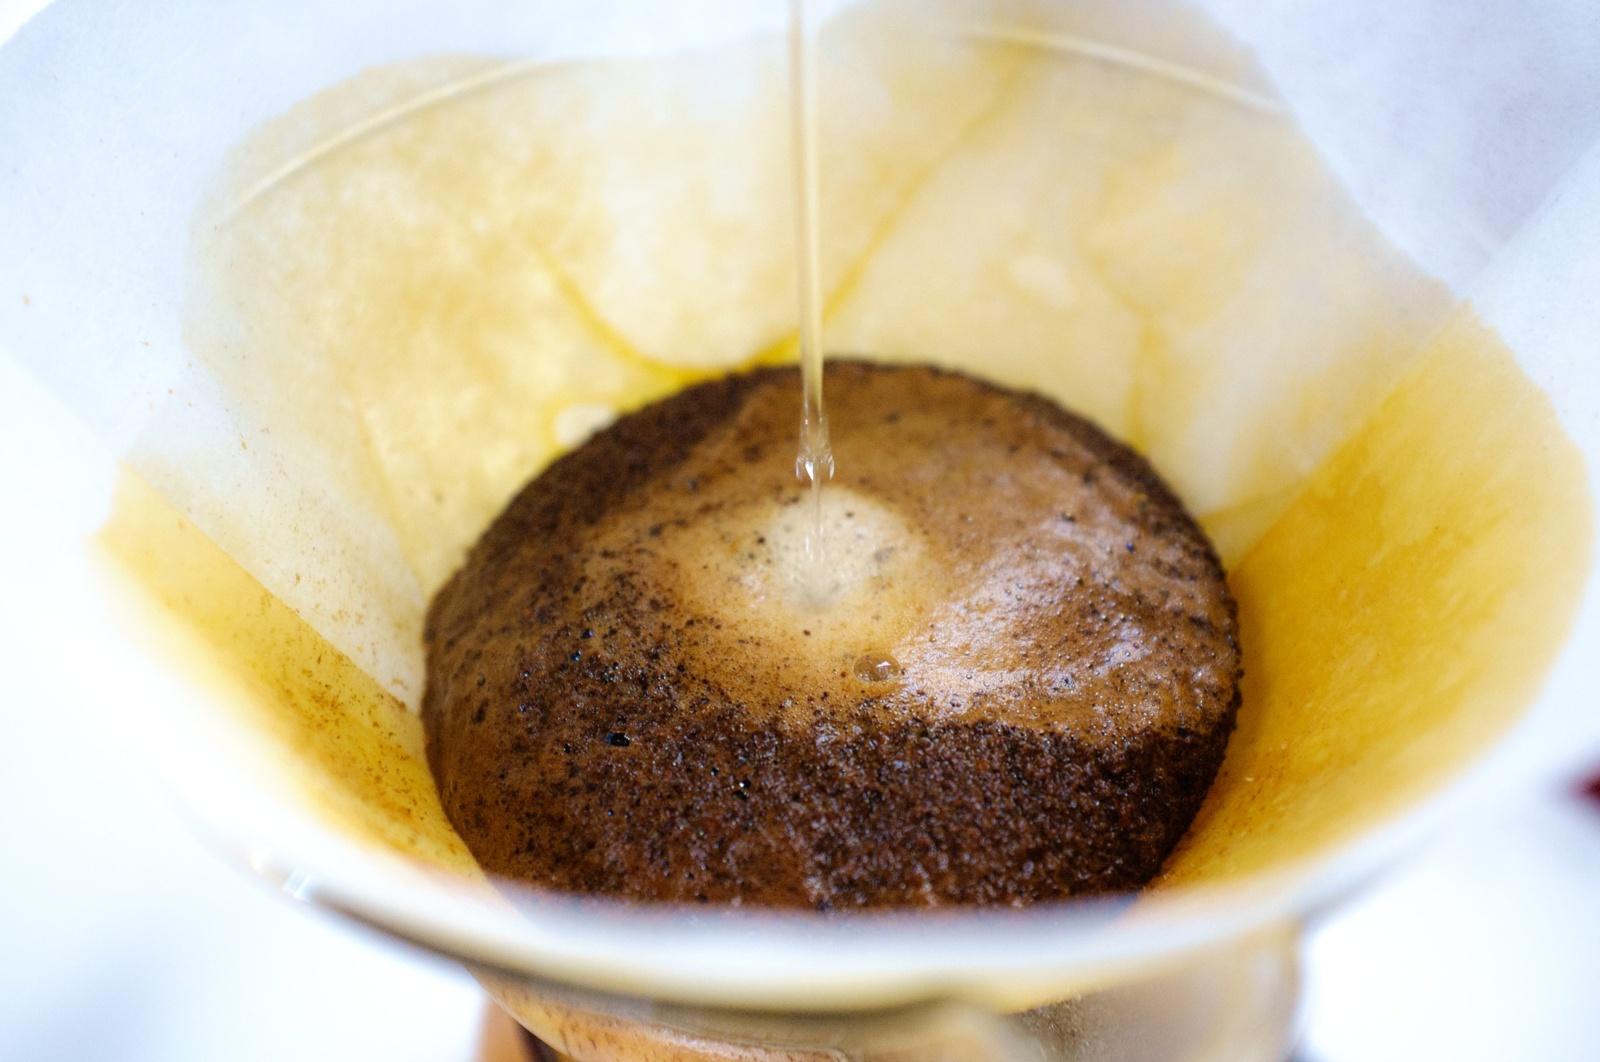 Neišmeskite kavos tirščių: jie tręšia augalus ir atbaido kenkėjus